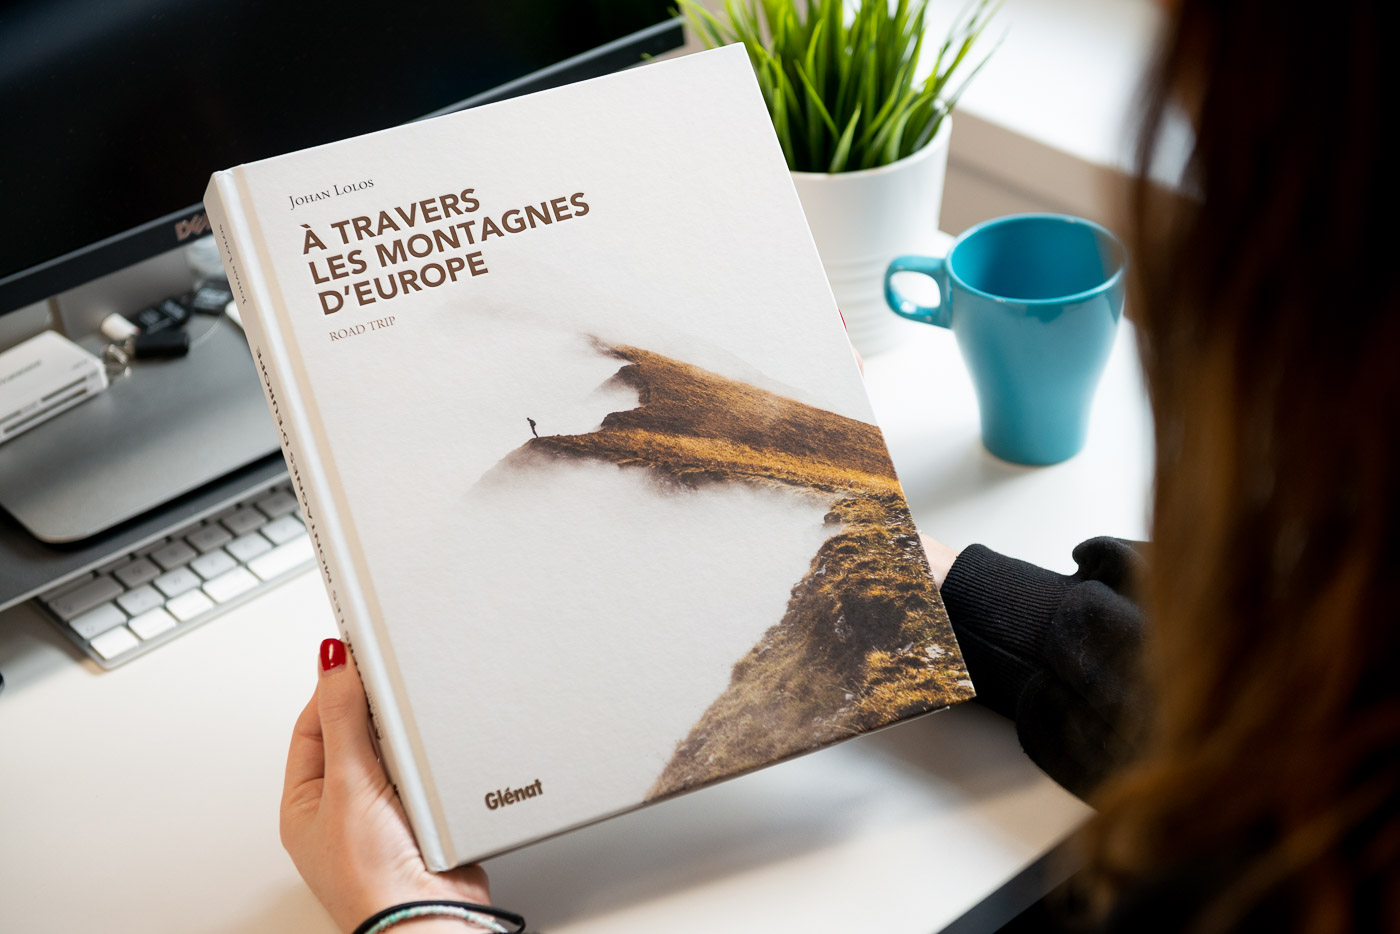 Revue De Livre A Travers Les Montagnes D Europe De Johan Lolos